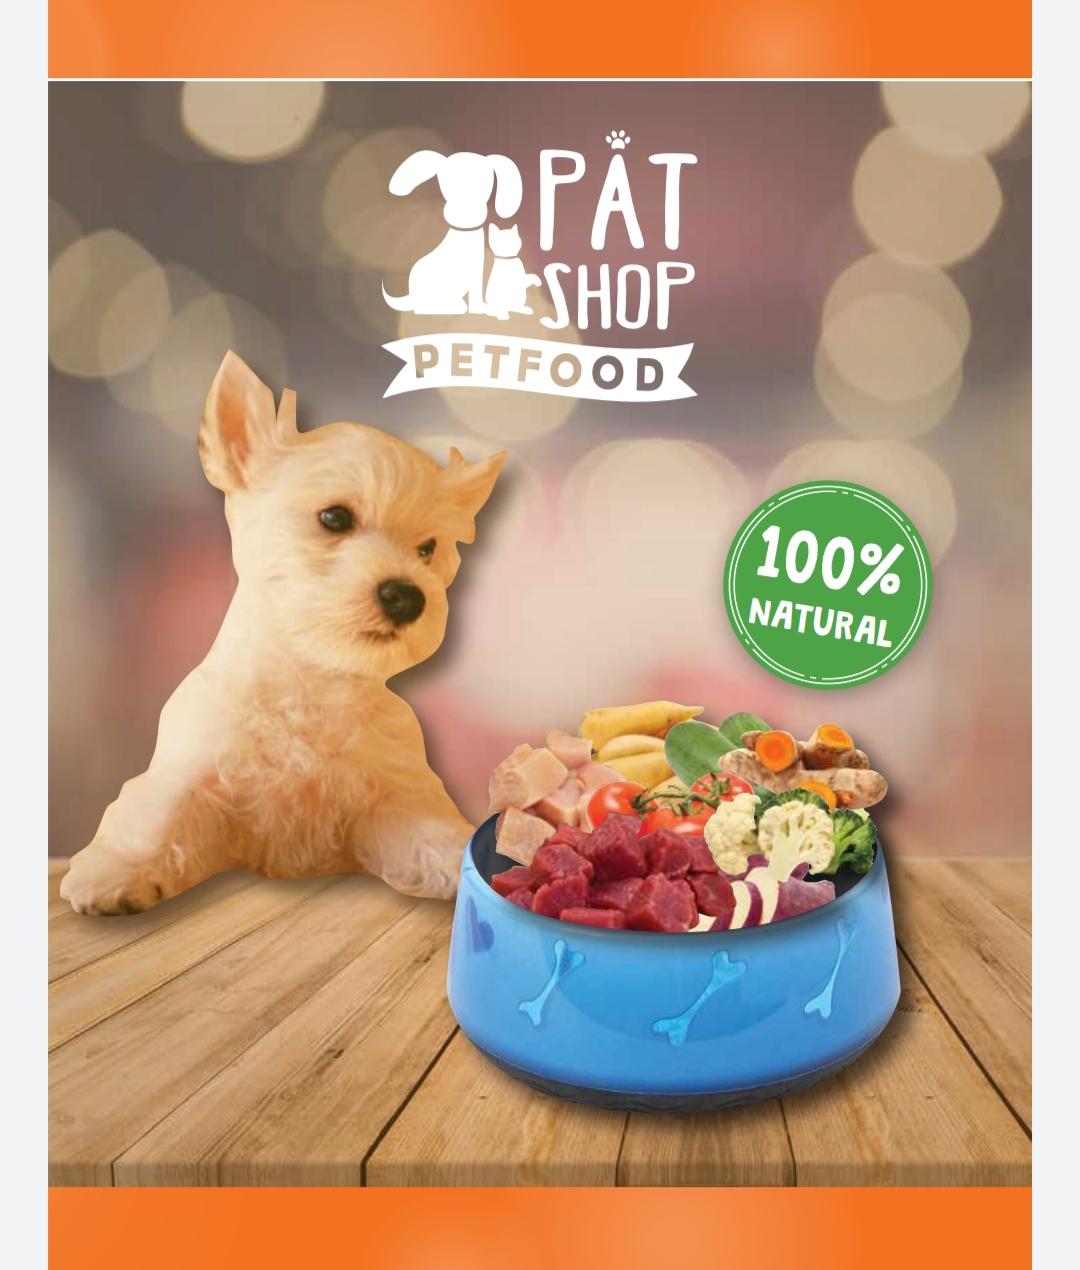 PatShop Petfood